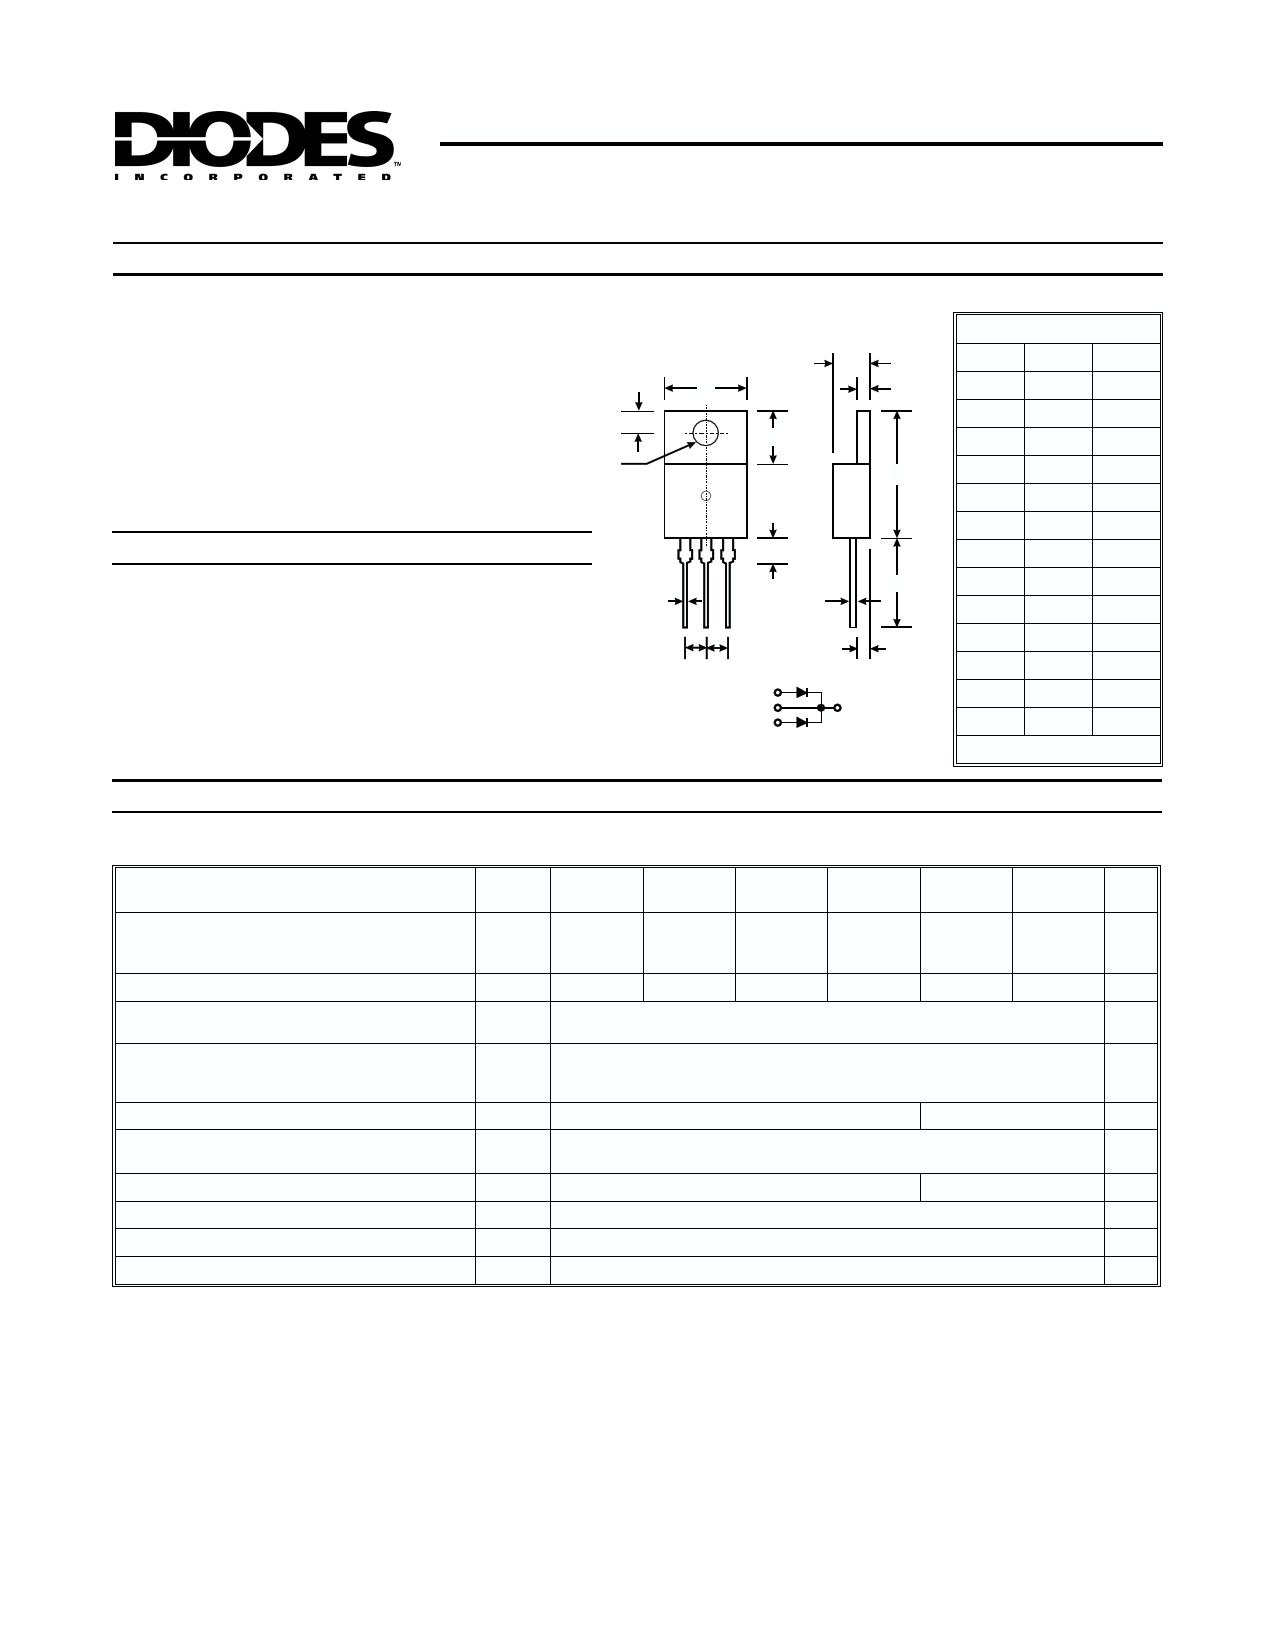 STPRF1630CT Datasheet